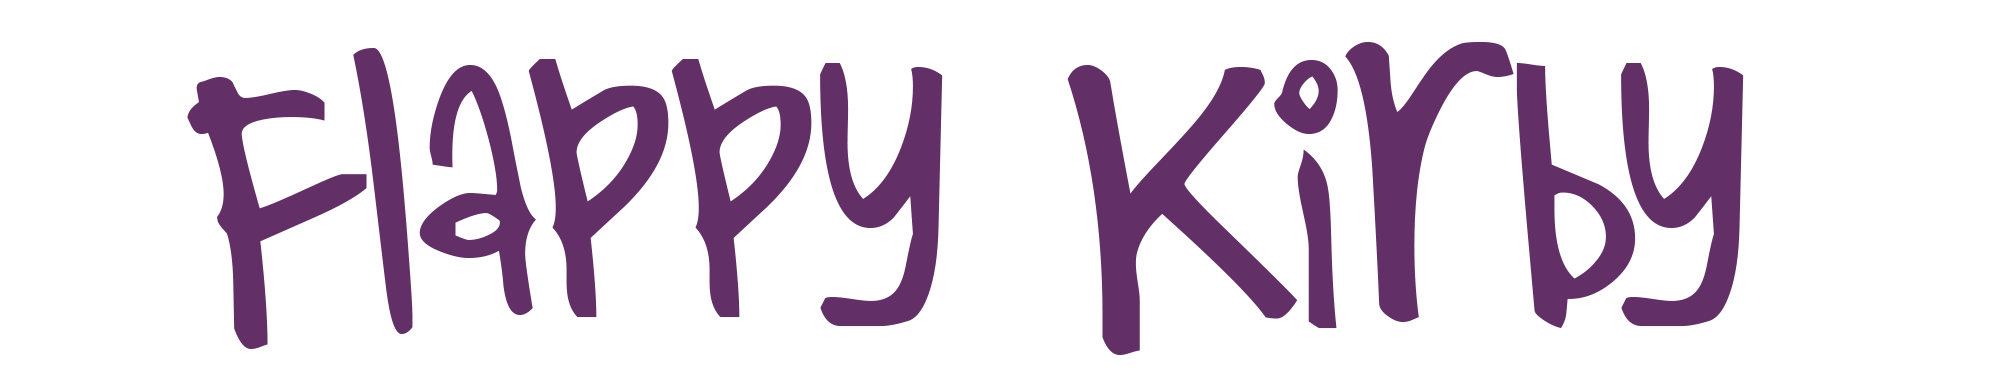 Flappy Kirby